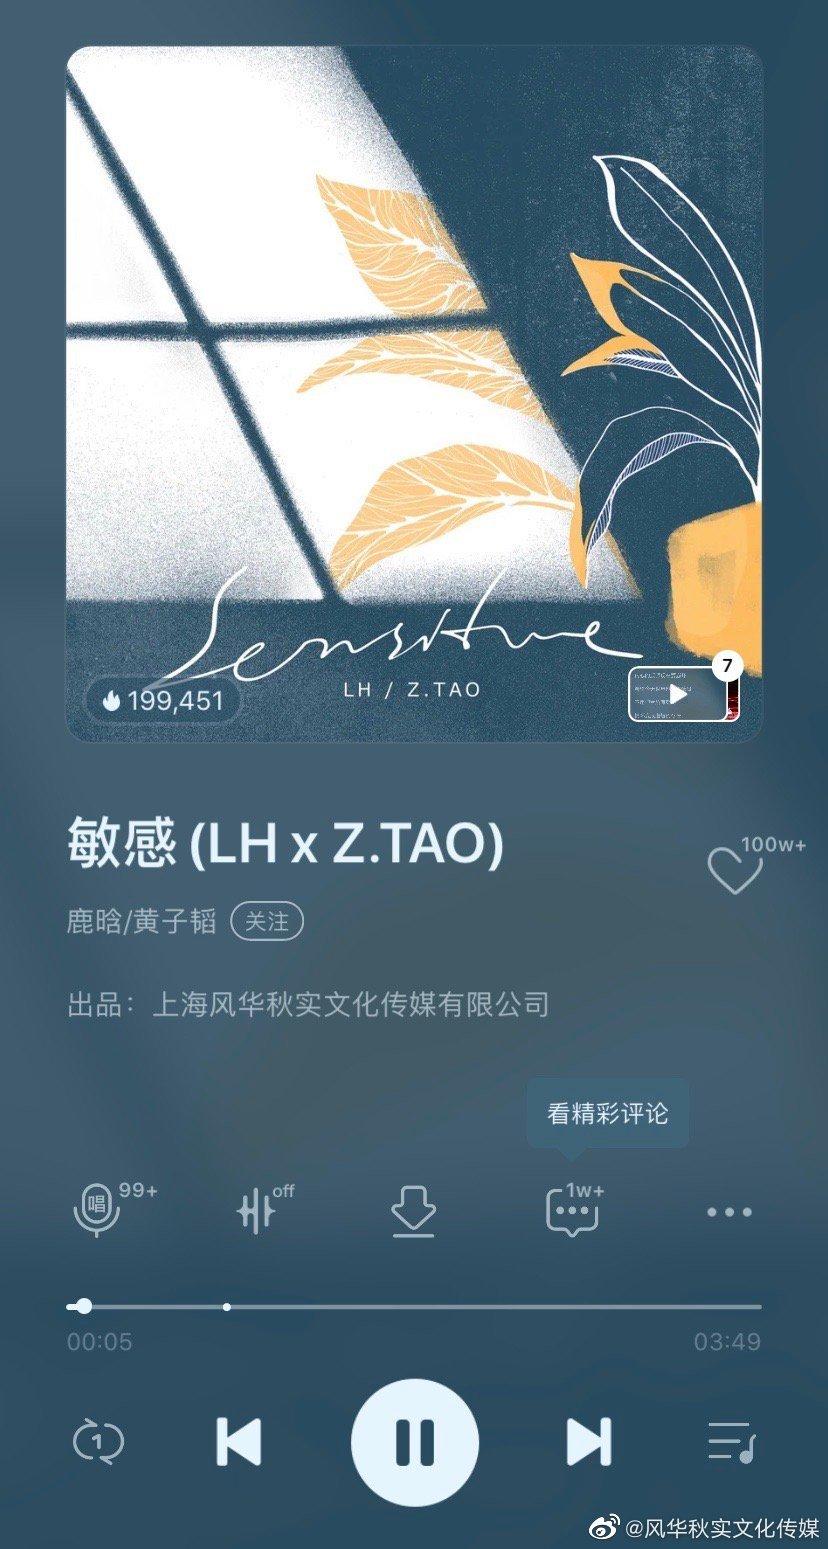 [分享]200810 恭喜《敏感》成为鹿晗第13首收藏破百万单曲!